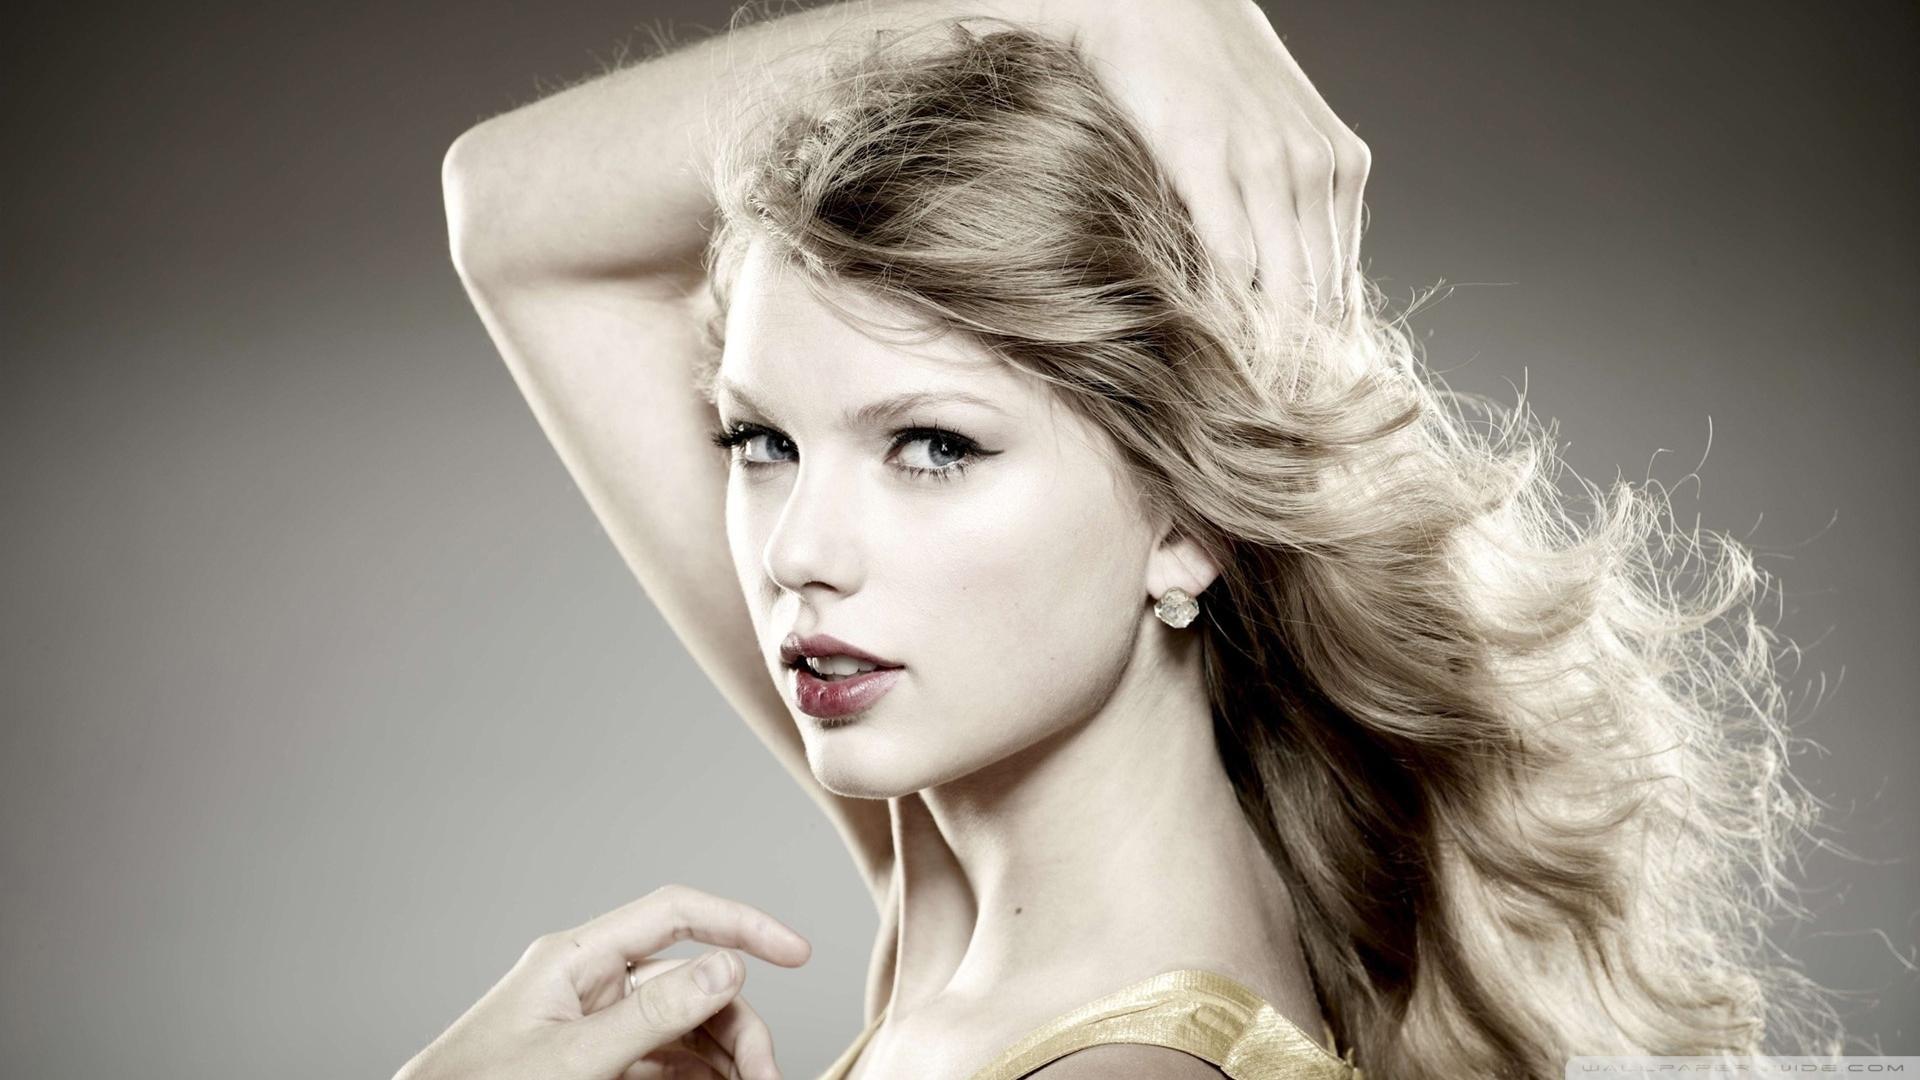 Taylor swift teeth